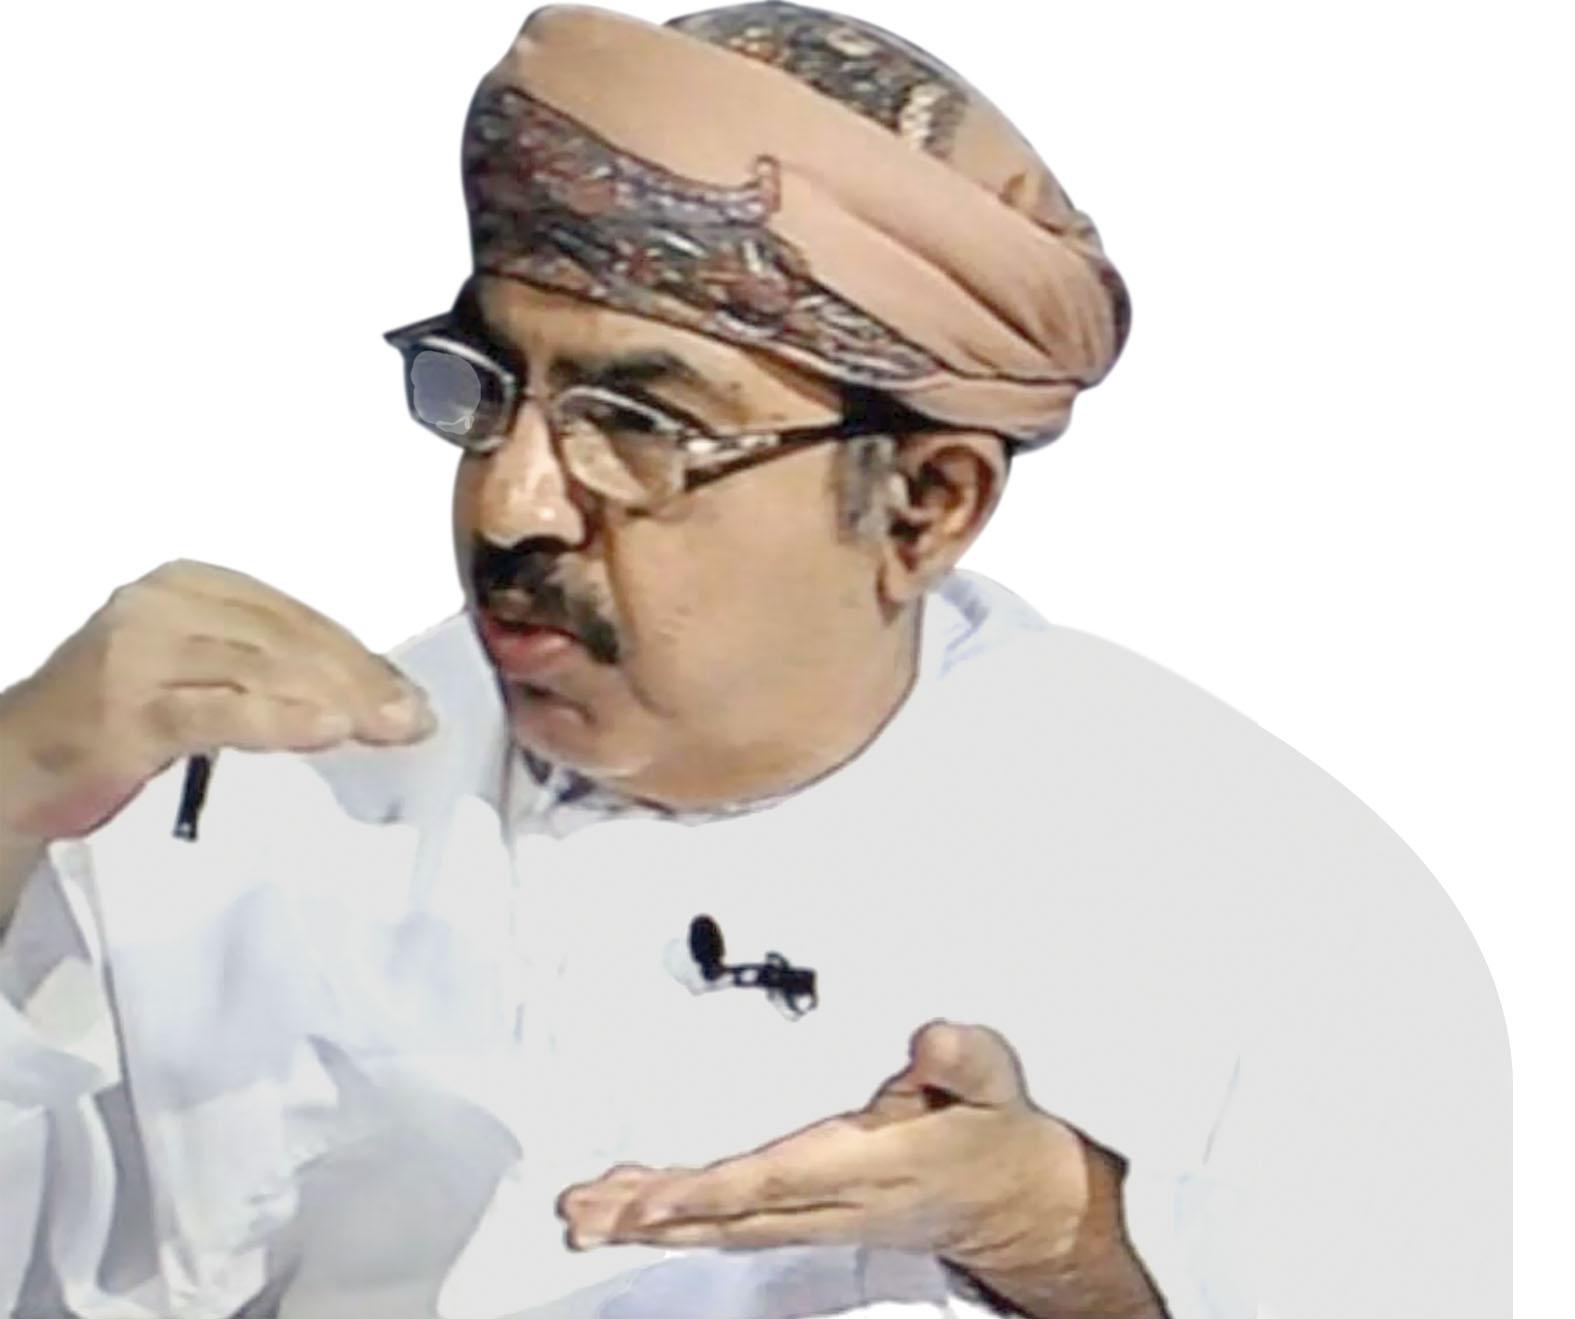 """التحديات التي تواجه عمان..""""أهمية اصلاح الجهاز الإداري للدولة لتنفيذ الرؤية الاقتصادية """"(٤)"""